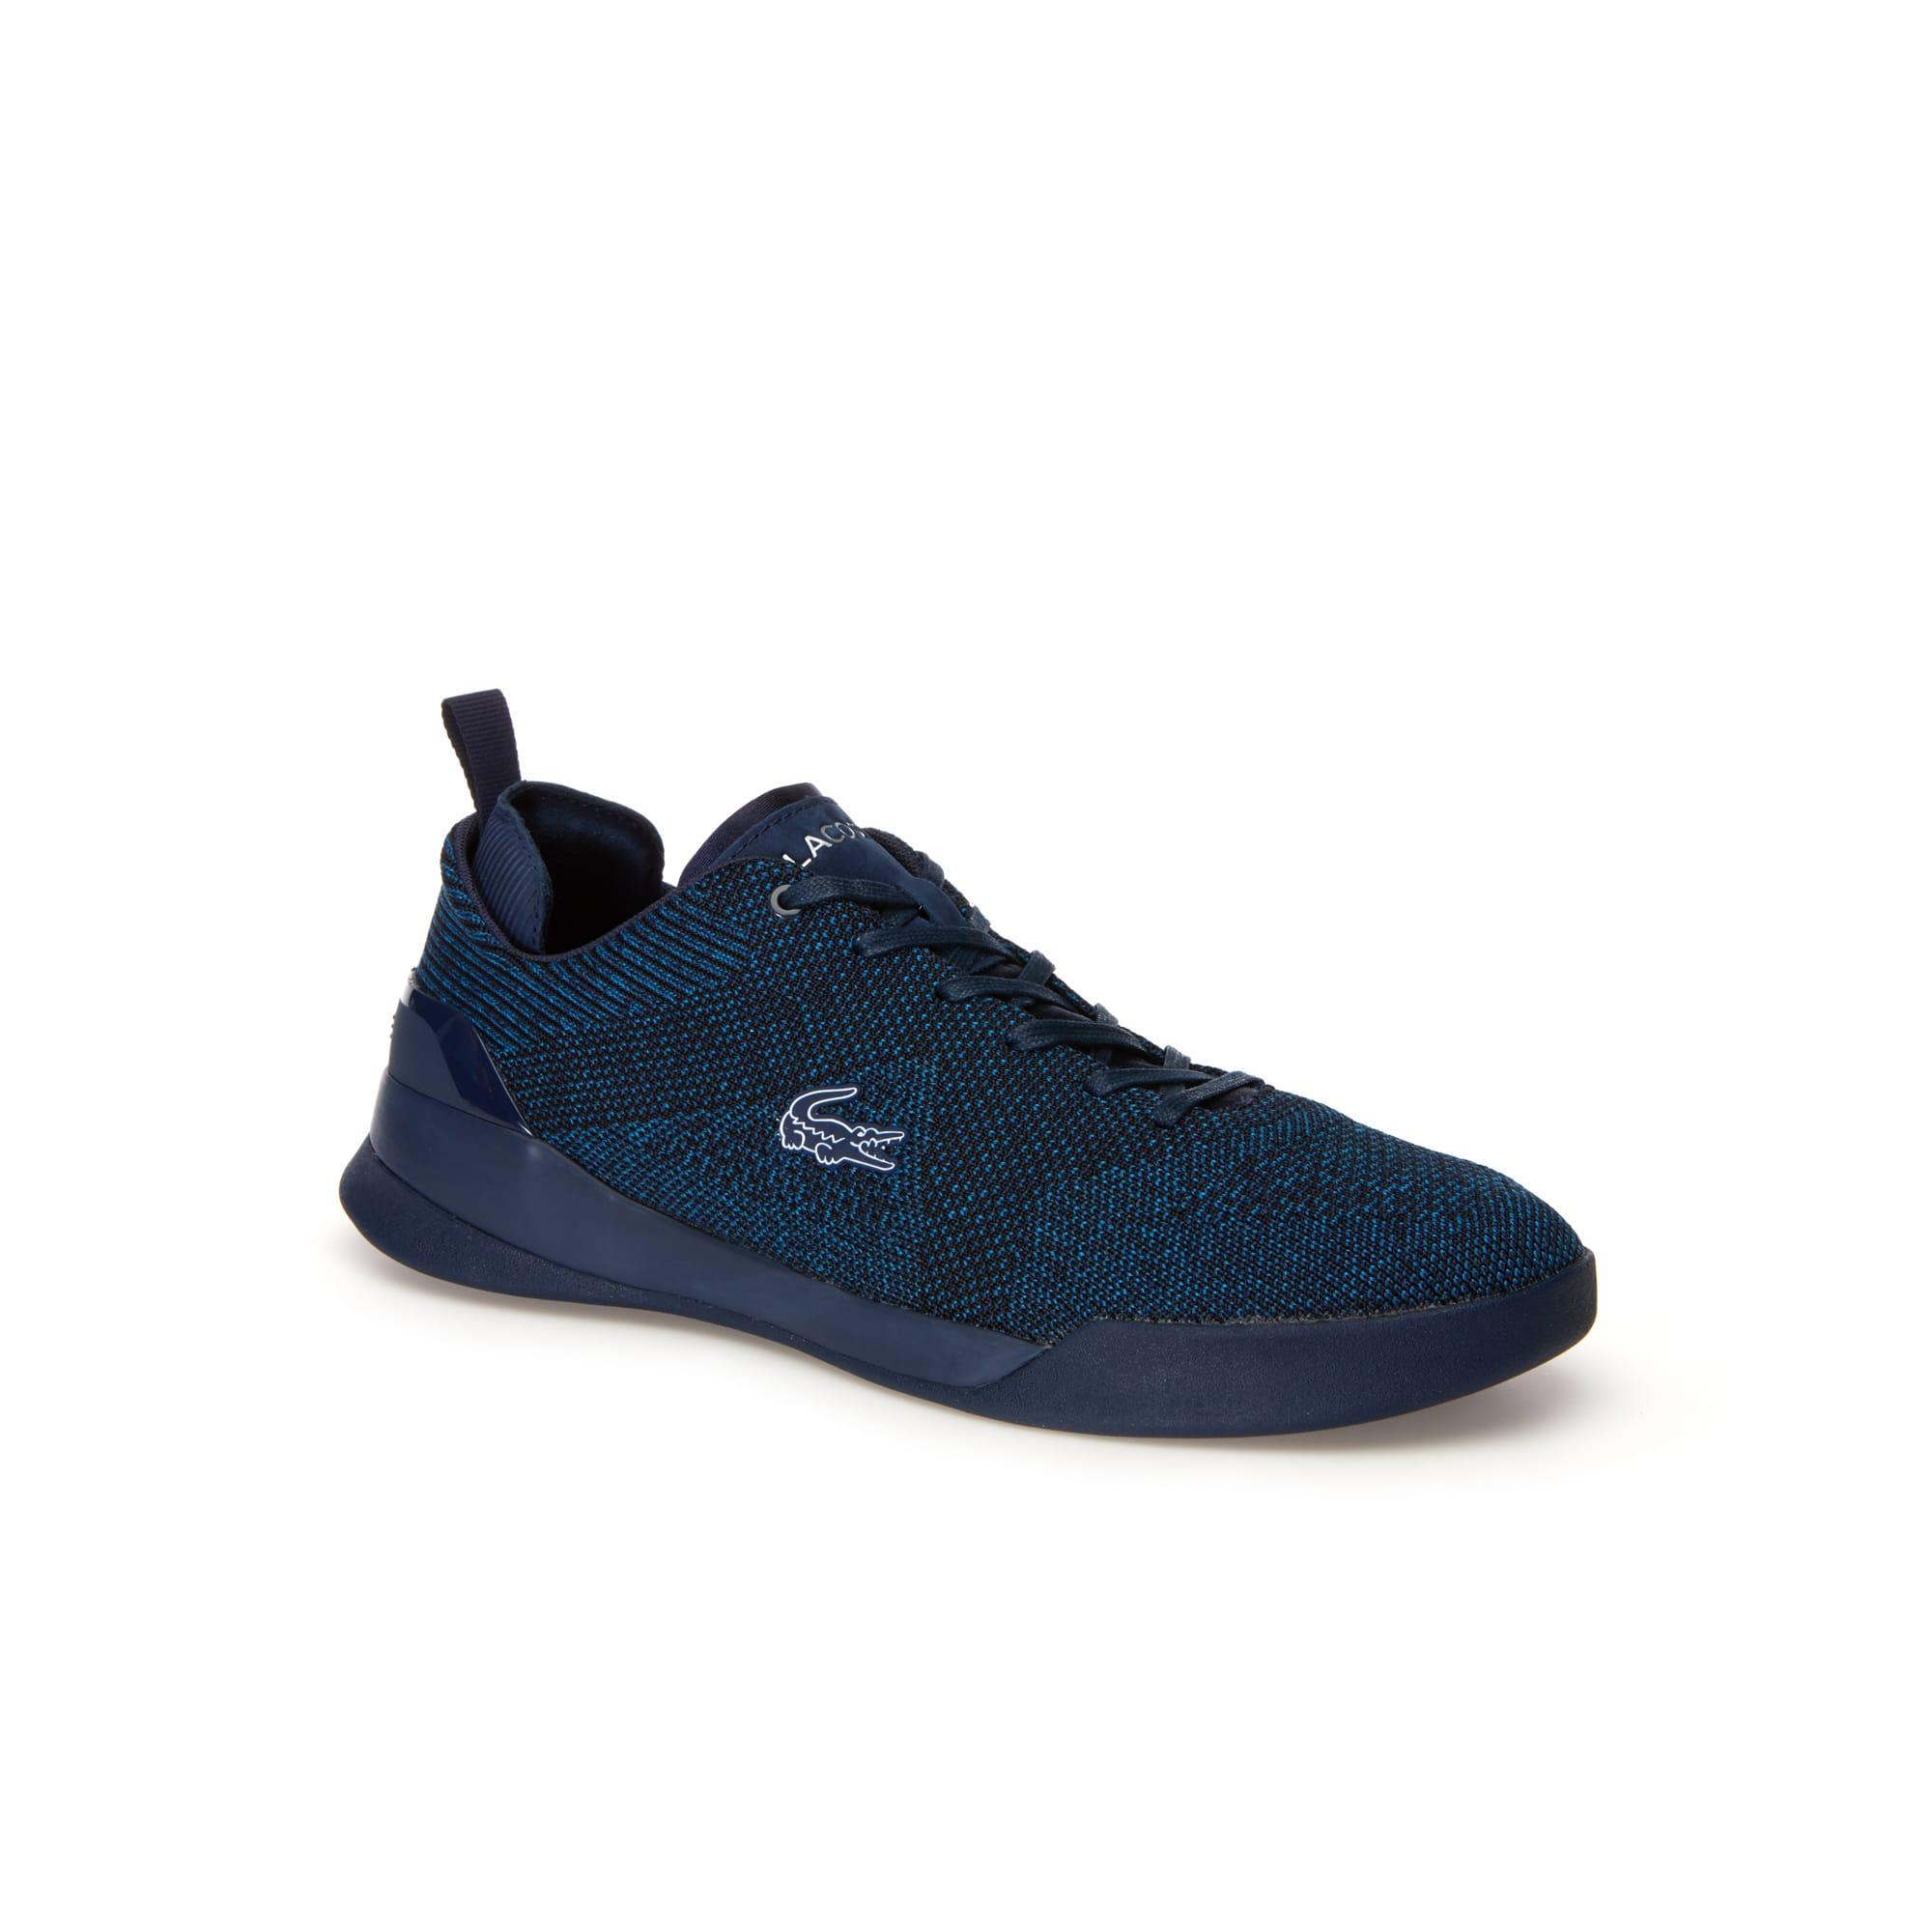 Sneakers LT Dual Elite homme en piqué résille